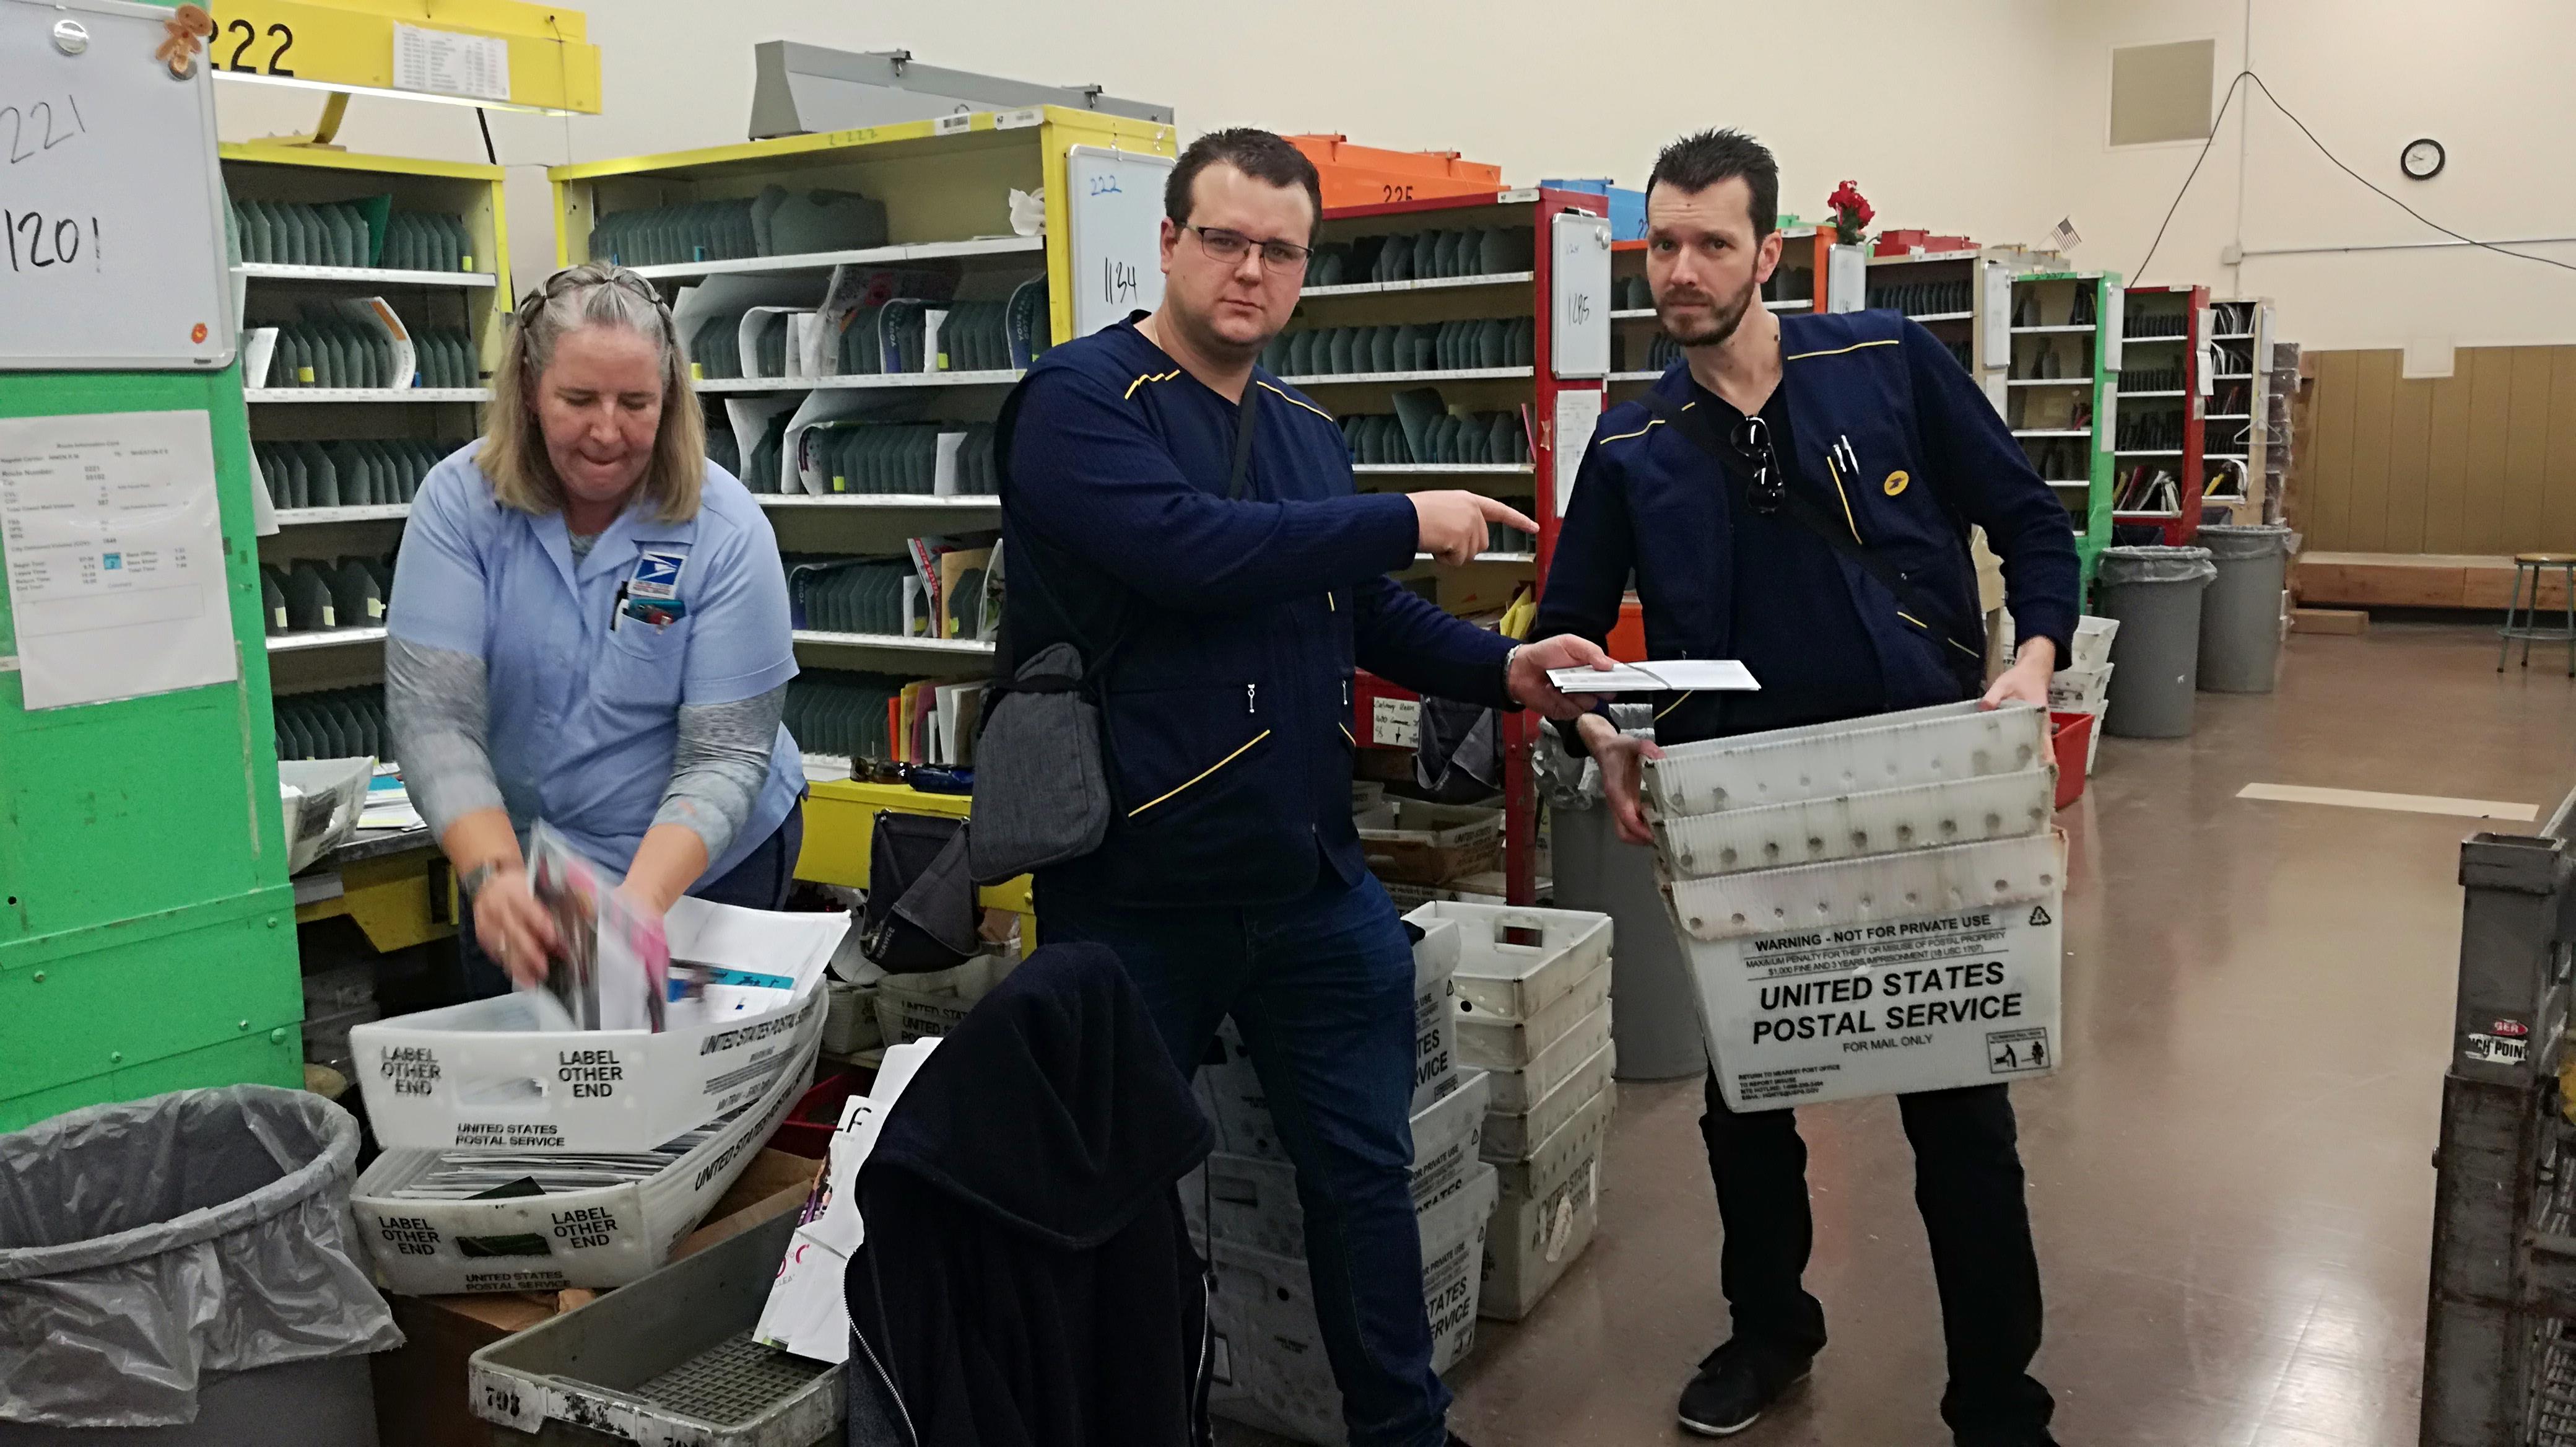 Patrice Labit et ses collègues ont passé une demi-journée avec des postiers américains.